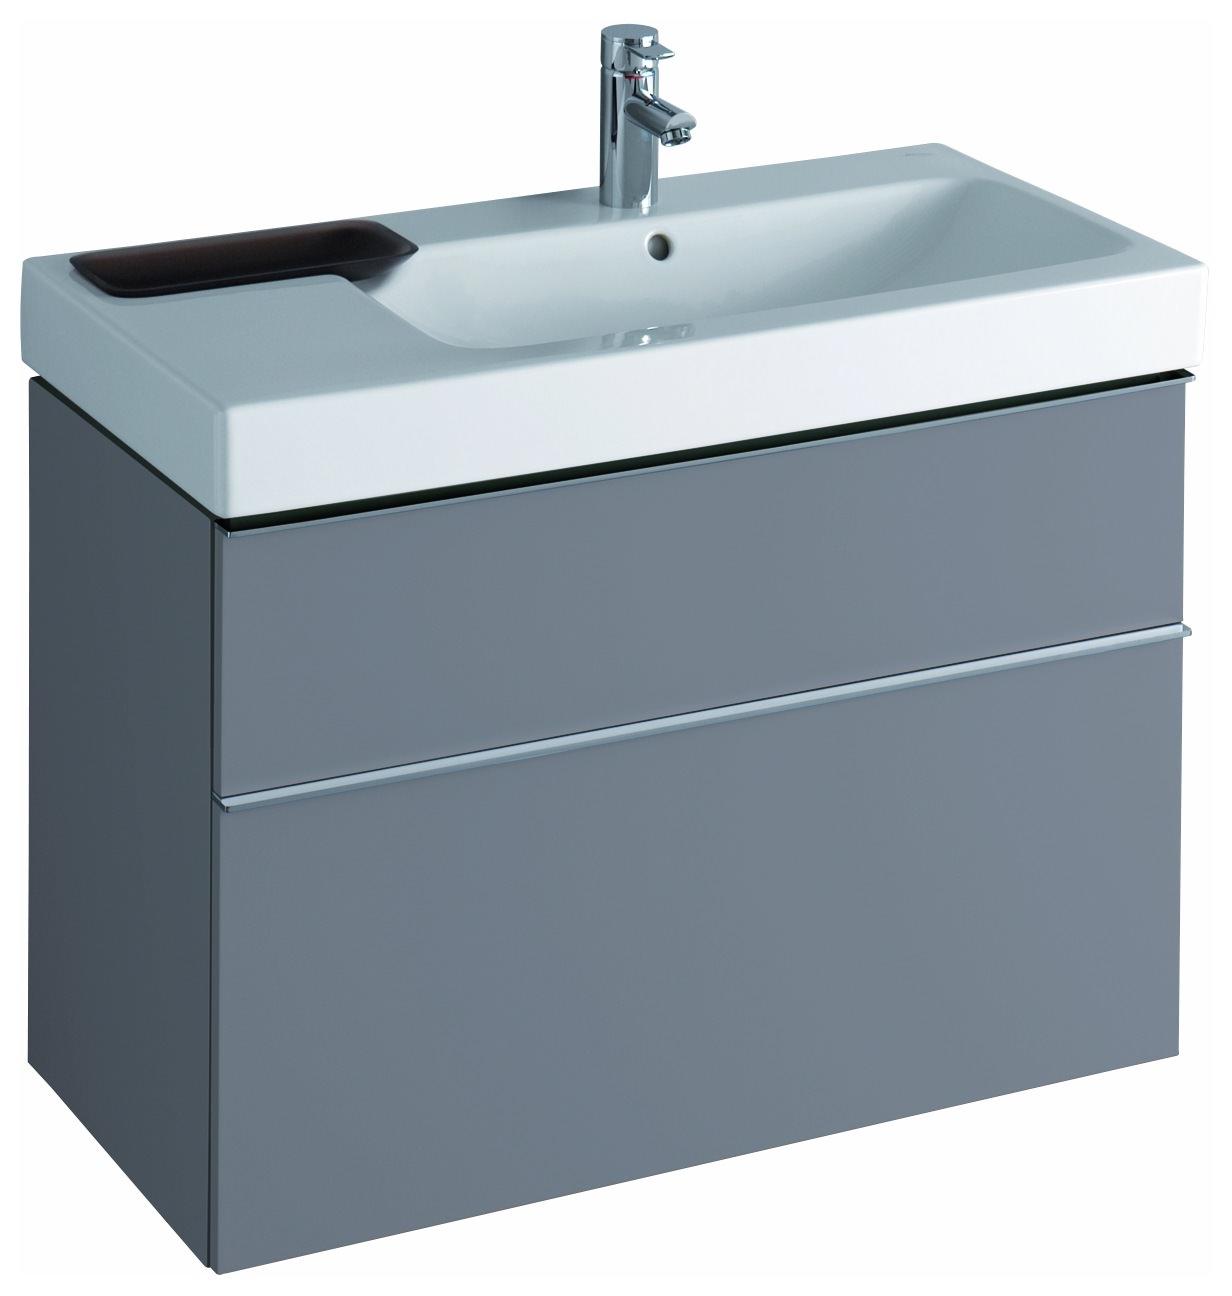 keramag icon waschtischunterschrank 890x620x477mm platin hochglanz 840392000. Black Bedroom Furniture Sets. Home Design Ideas